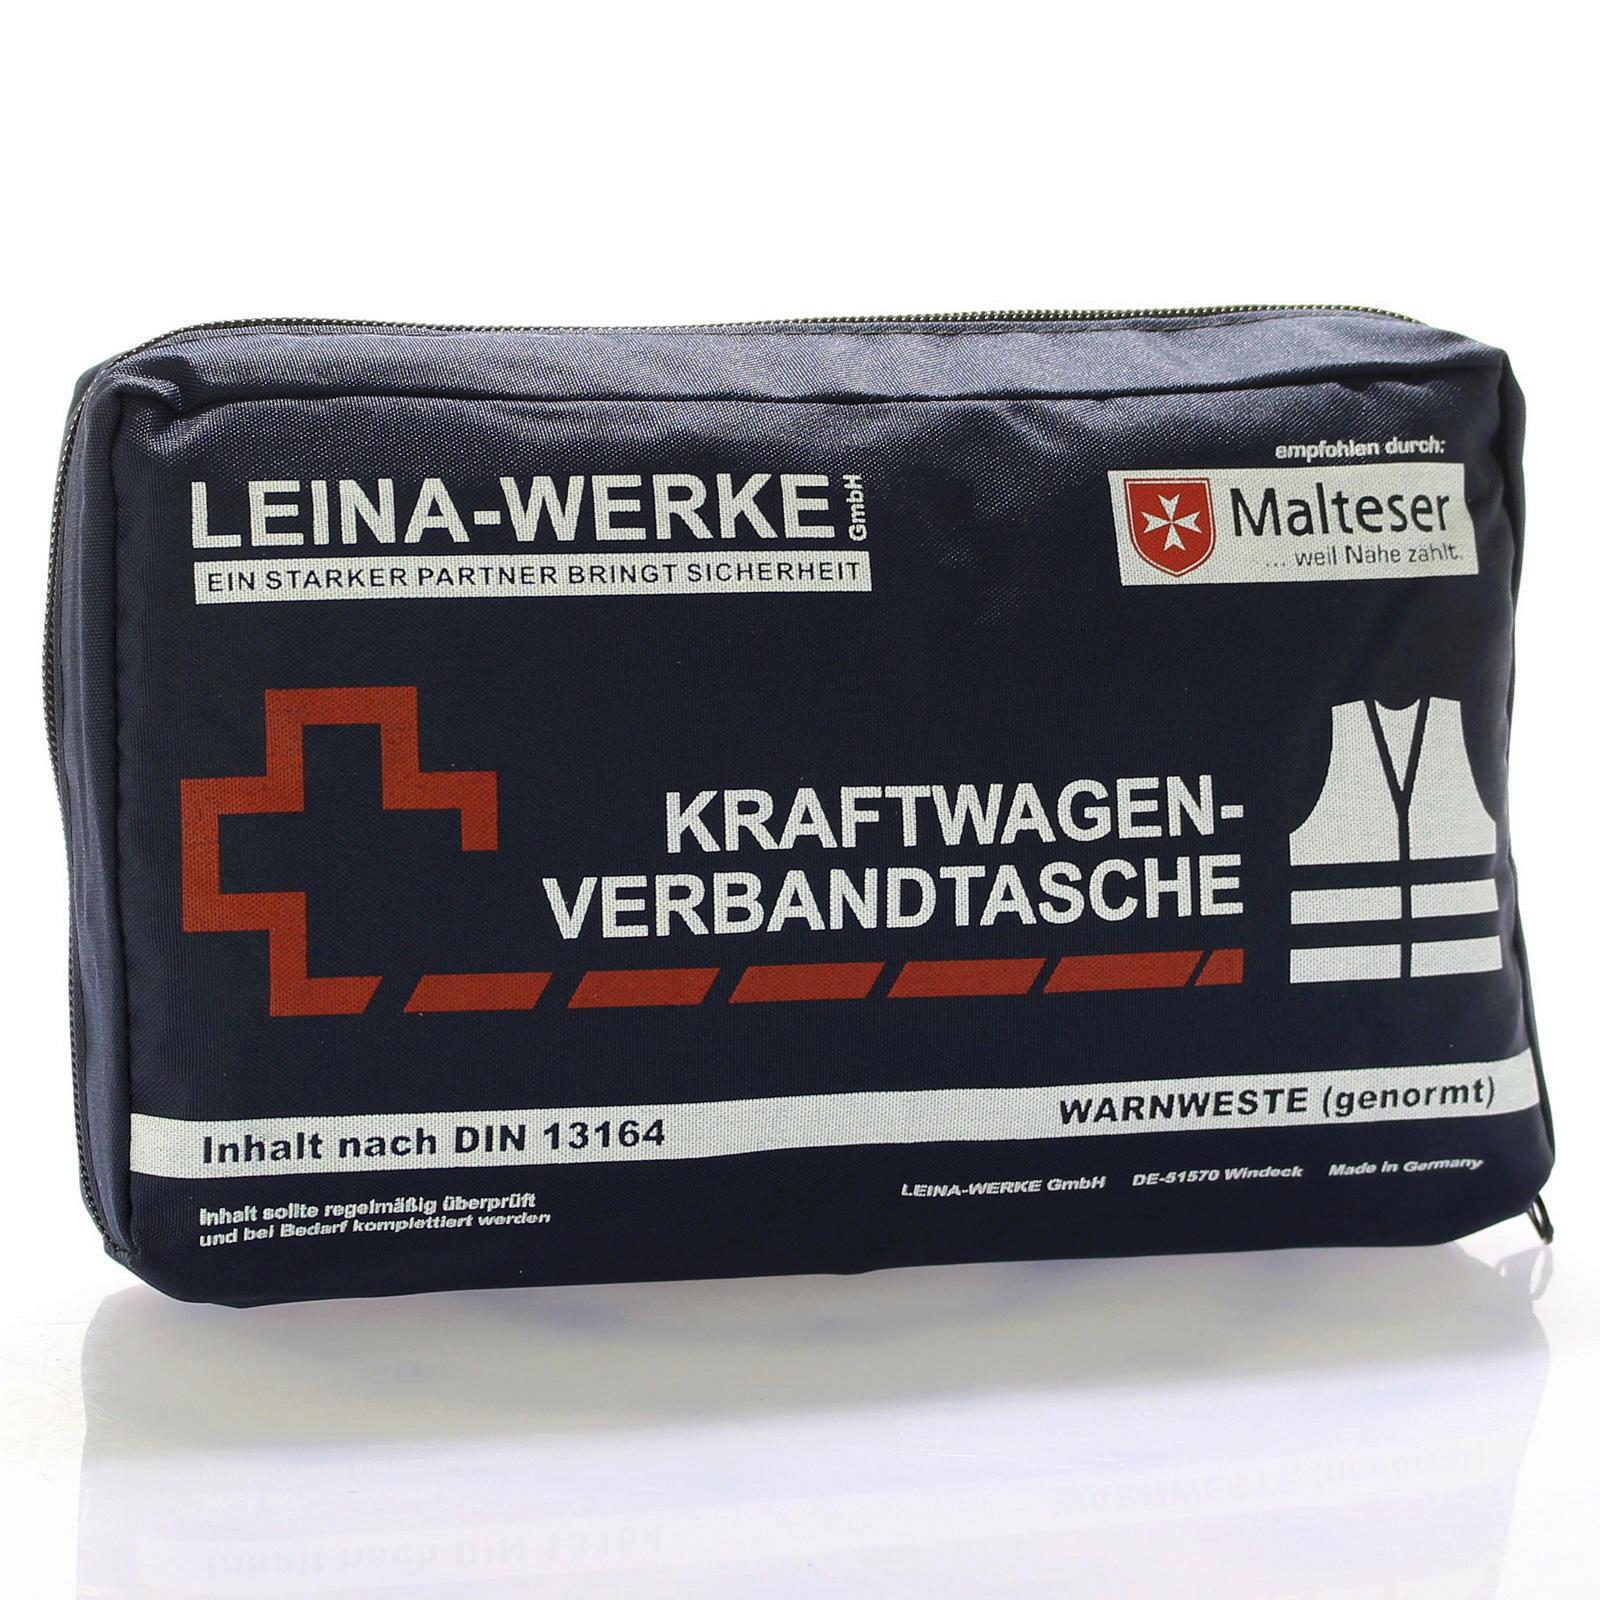 Verbandtasche + Warnweste